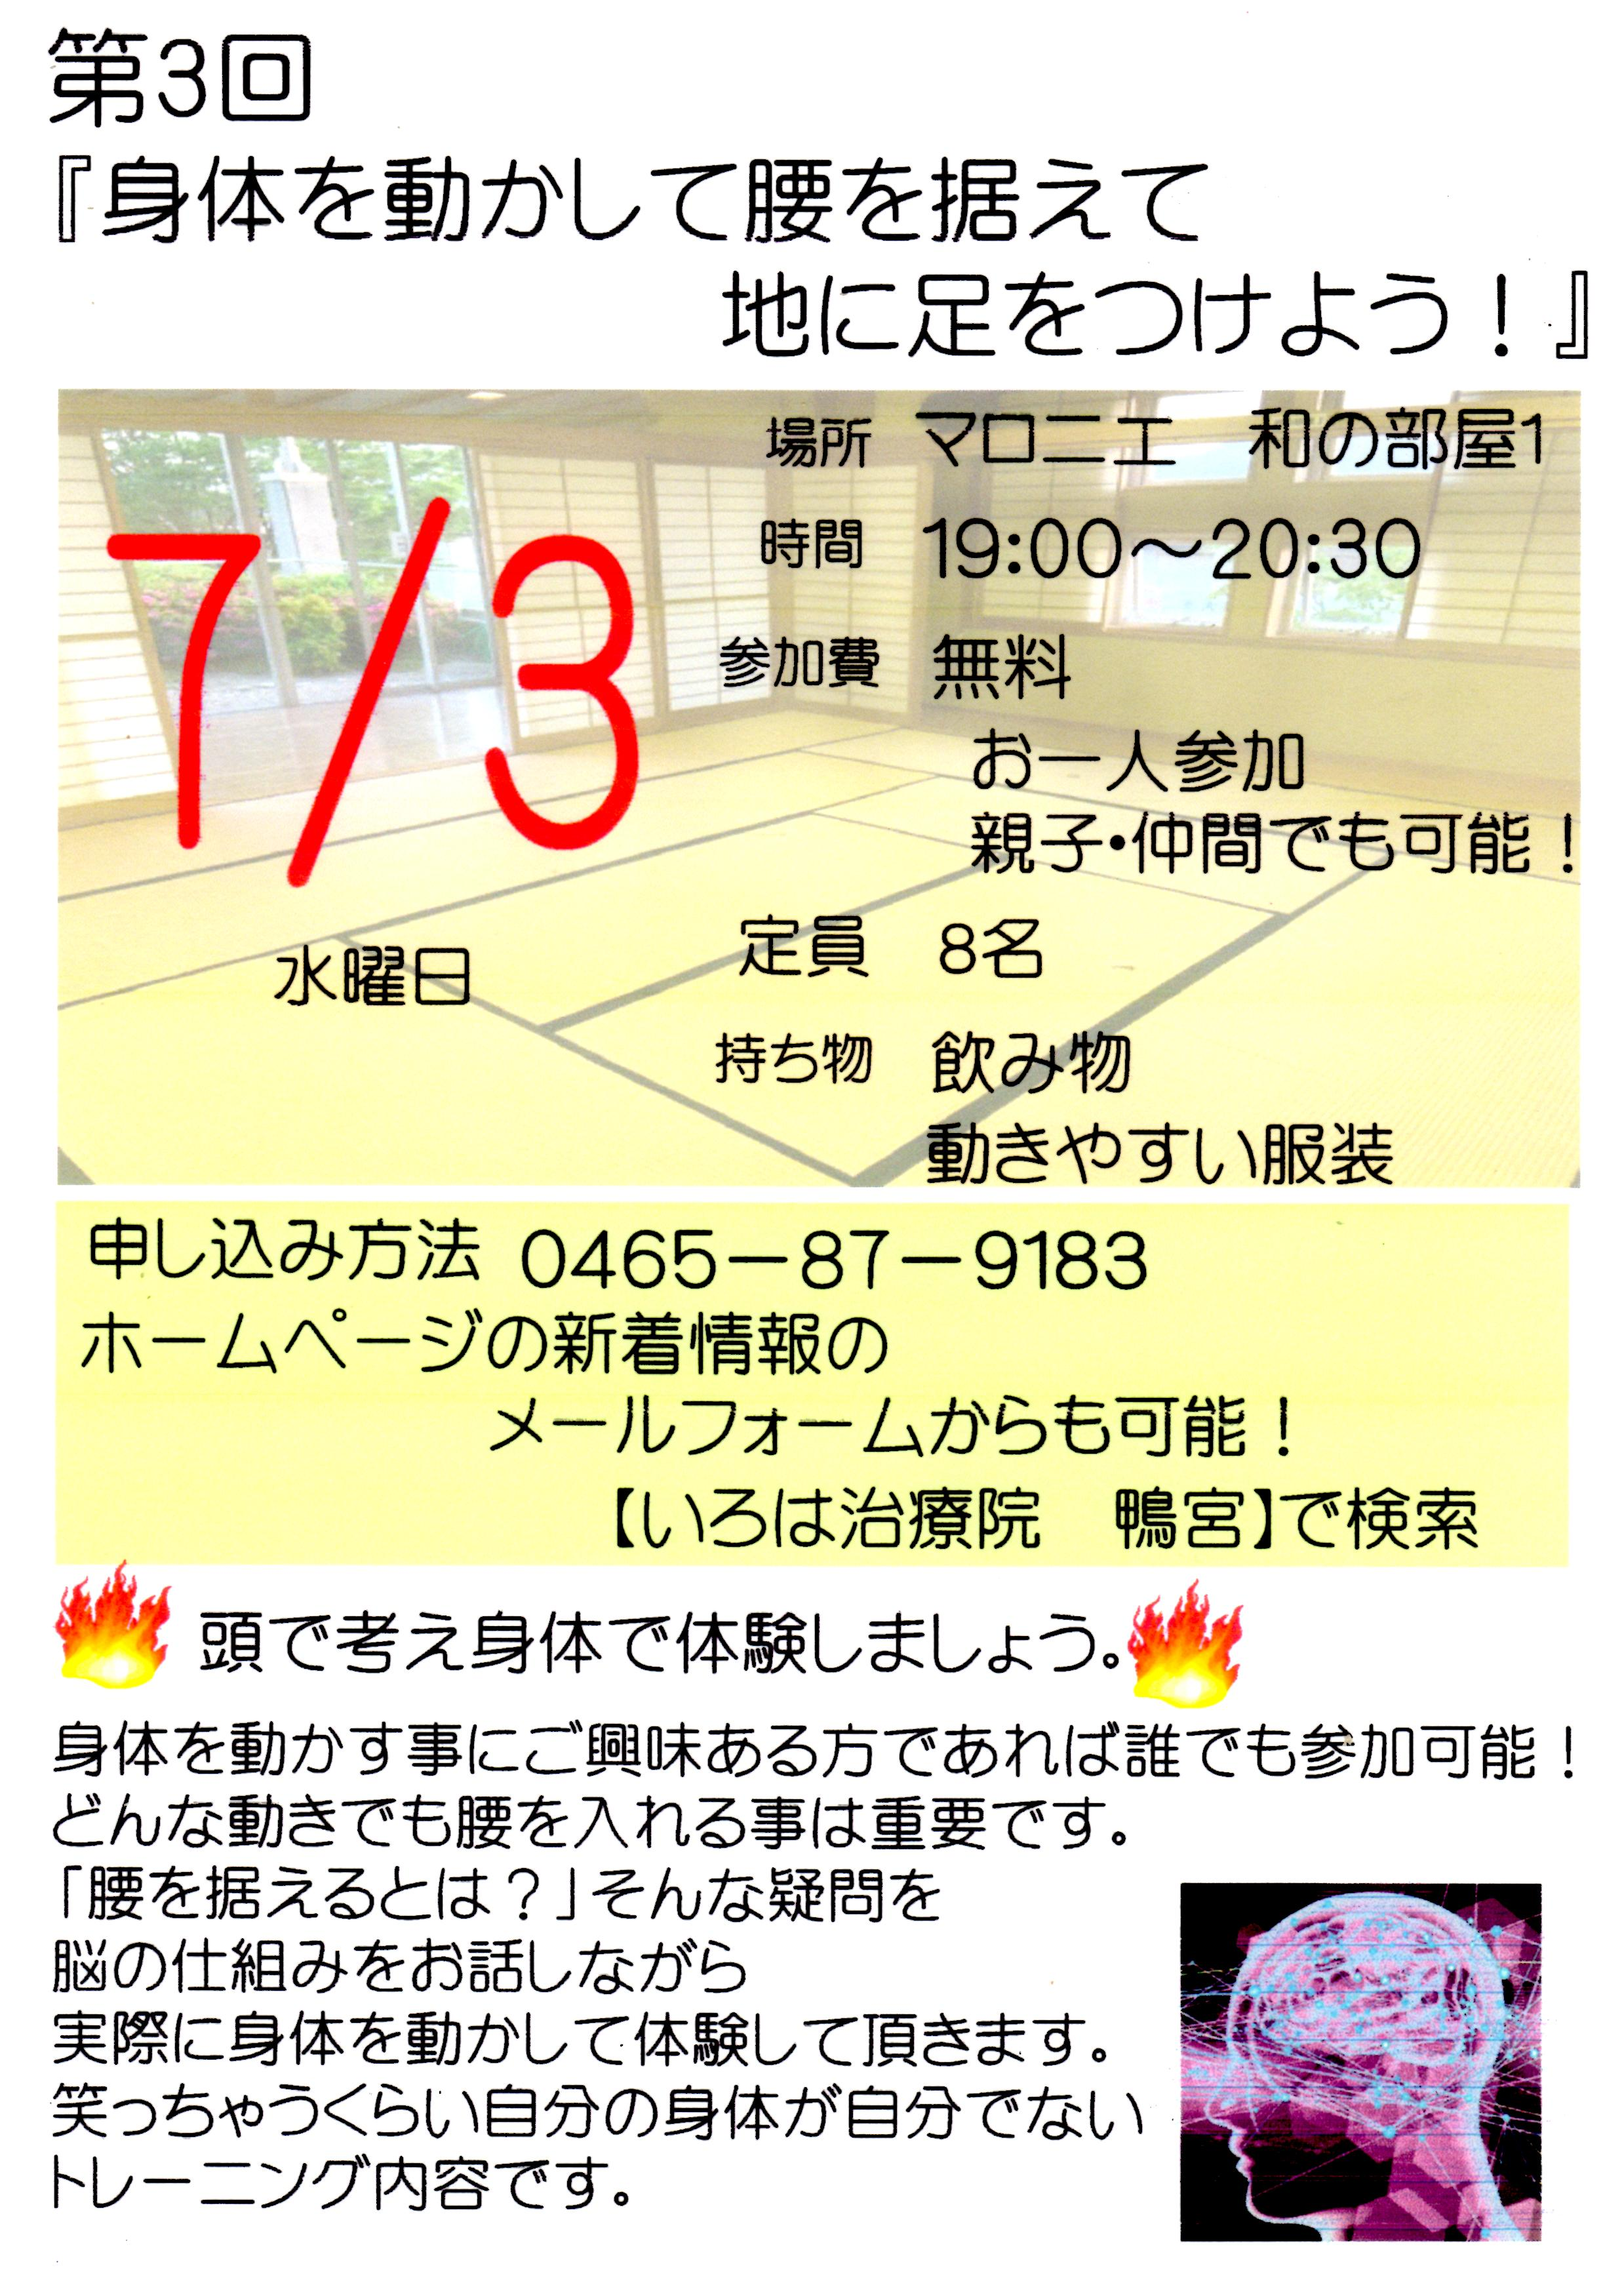 小田原 トレーニング 体操